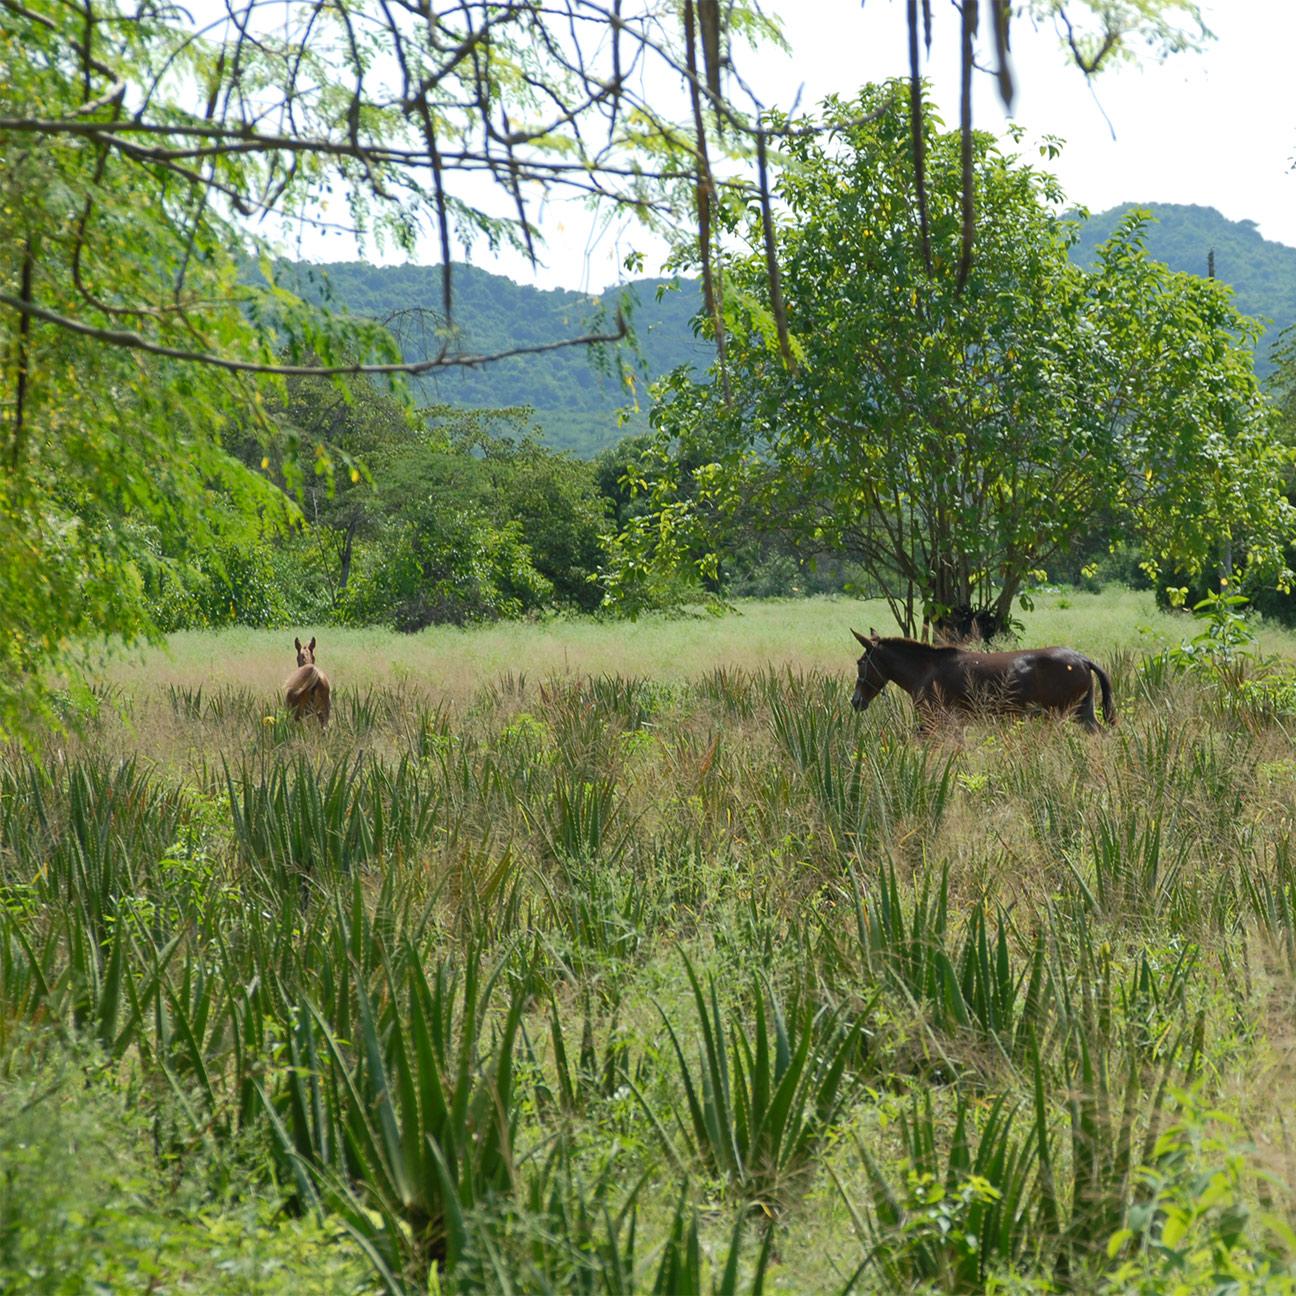 Mischkultur mit Pferd und Aloe-Pflanzen im Vordergrund